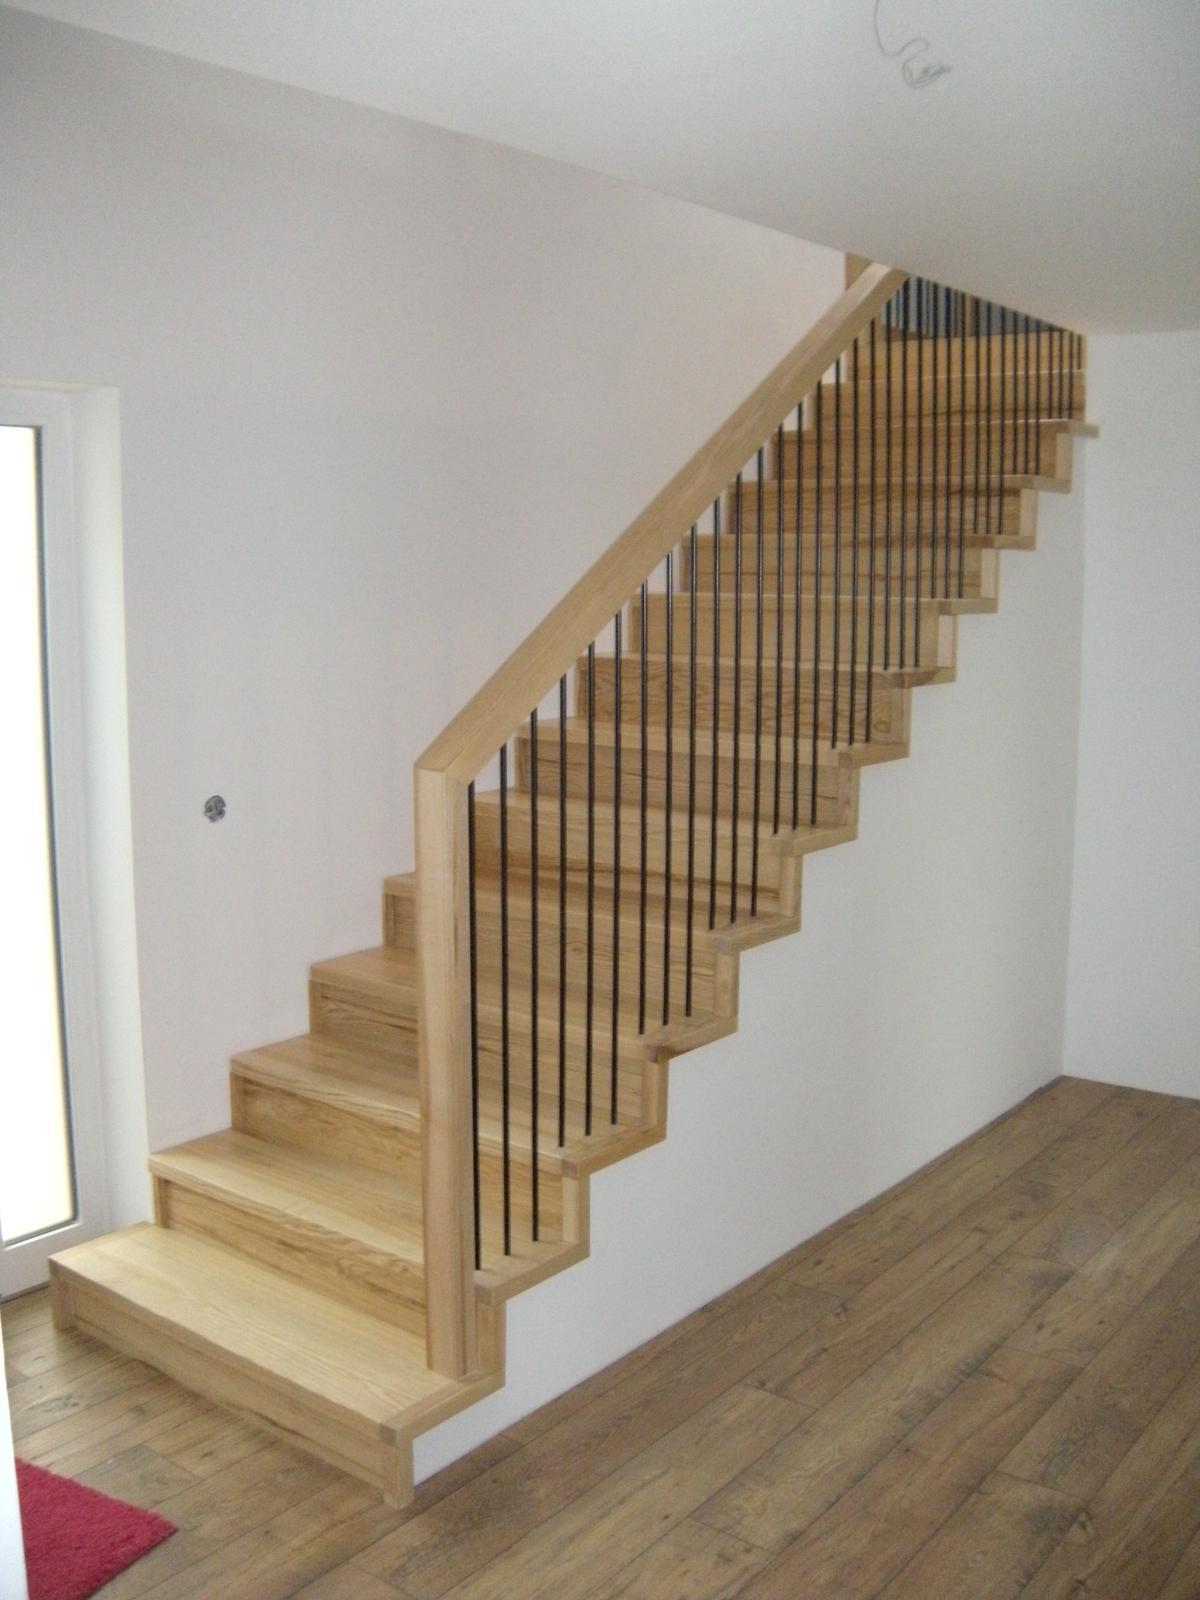 Drevene schody a zabradlia - Obrázok č. 1